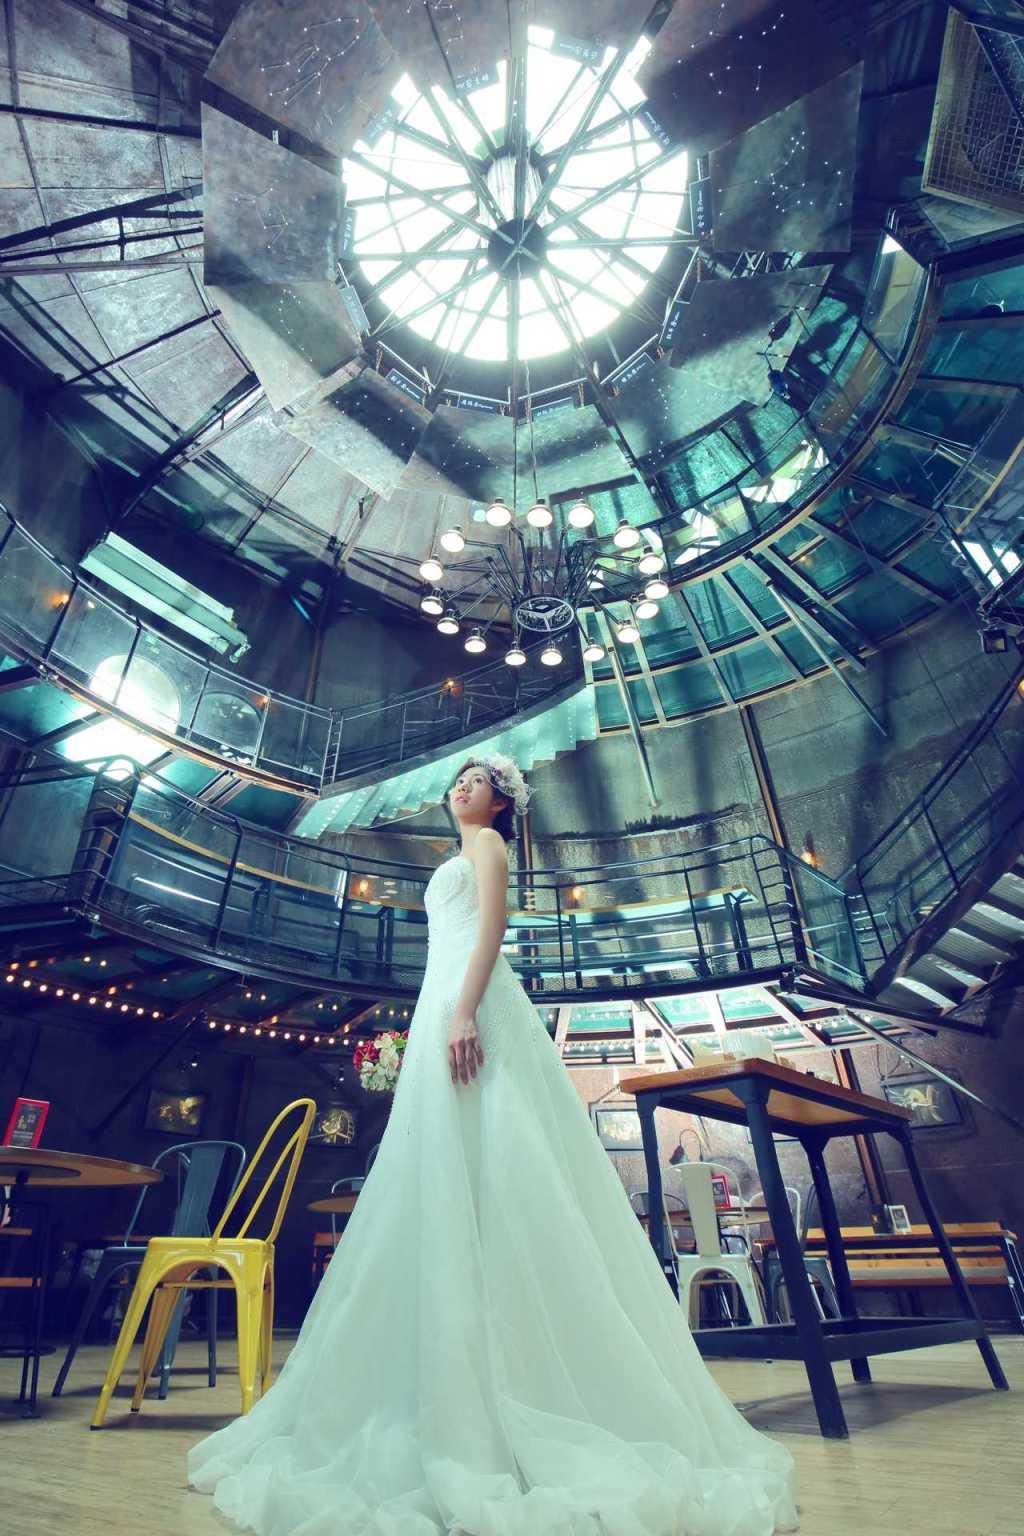 自助婚紗,自助婚紗推薦,自助婚紗價格,自助婚紗攝影,半自助婚紗,自助婚紗ptt